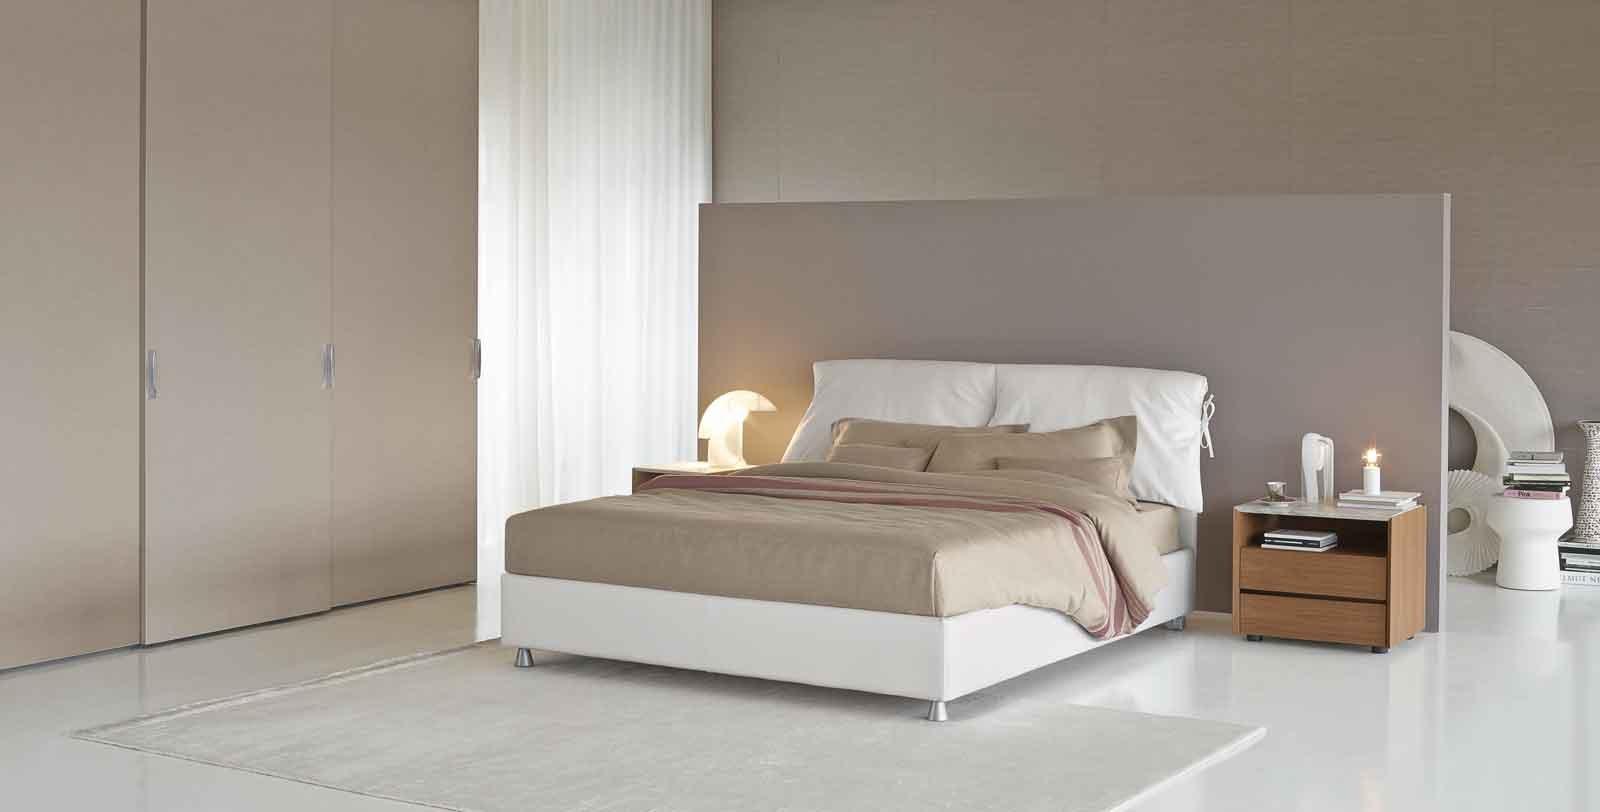 Dormire bene letto materasso e biancheria cose di casa - Letto nathalie flou opinioni ...